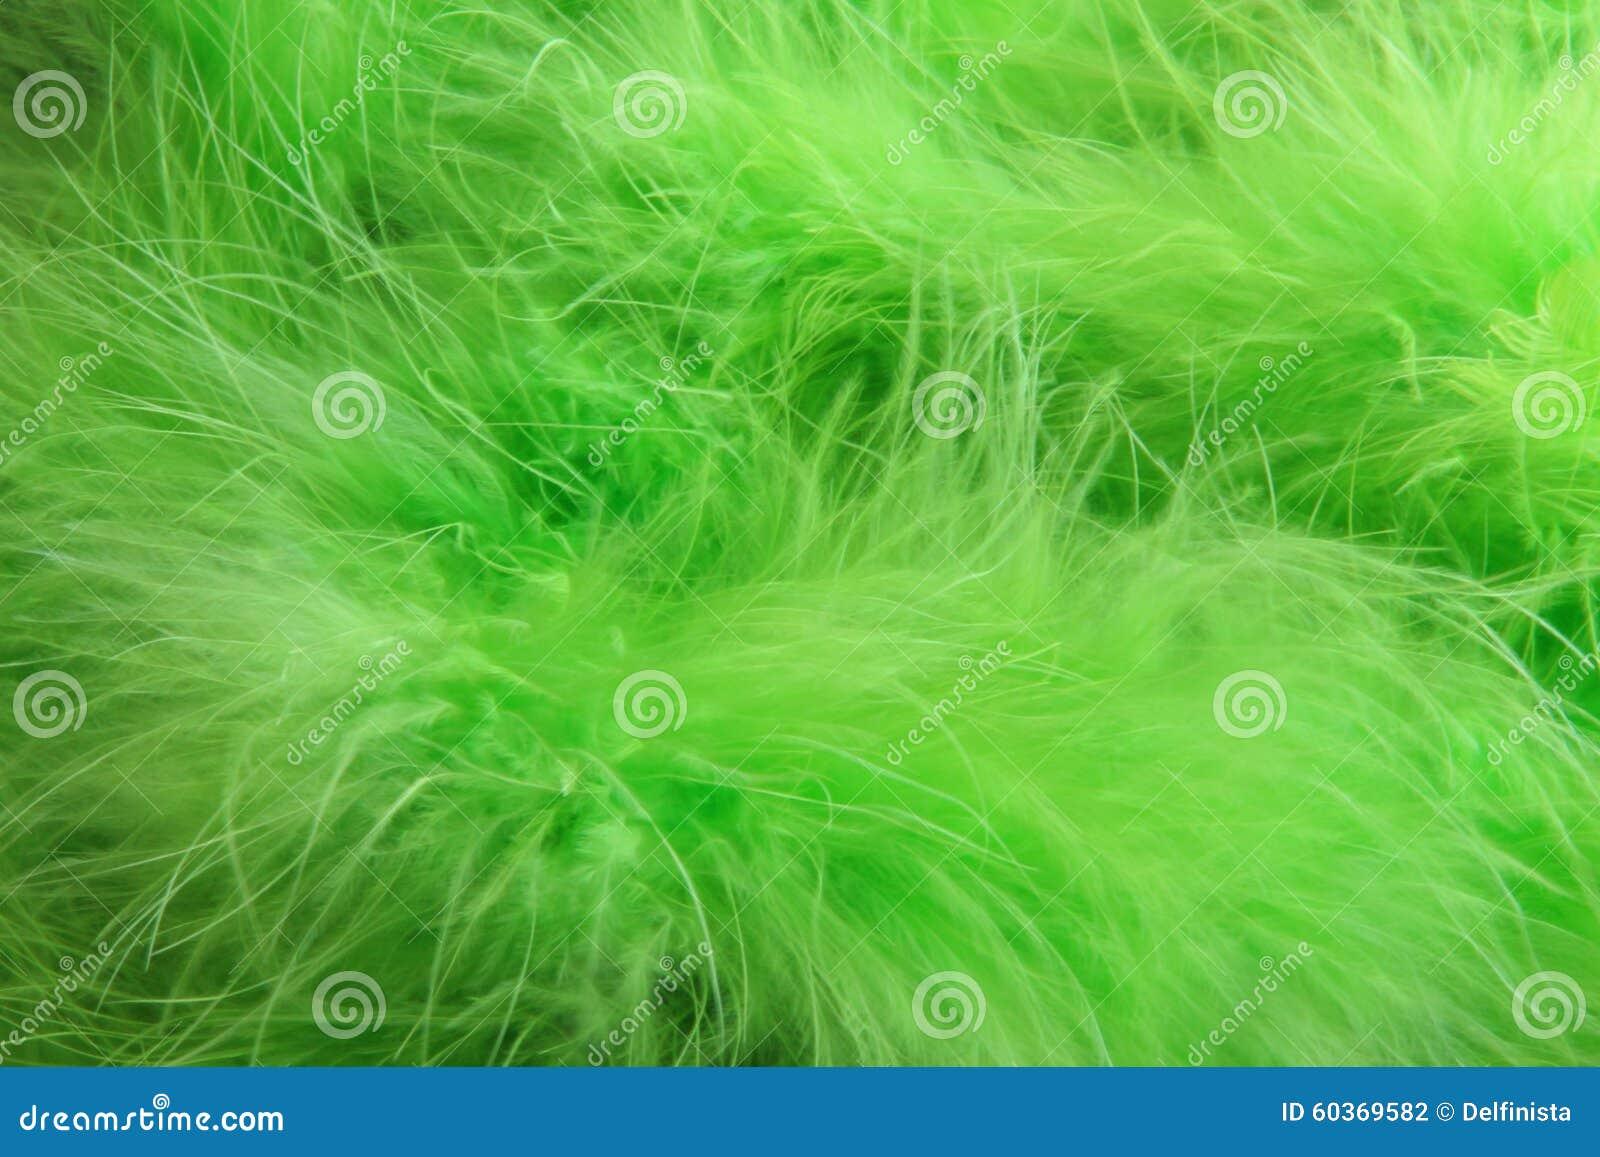 Πράσινο υπόβαθρο φτερών - φωτογραφία αποθεμάτων